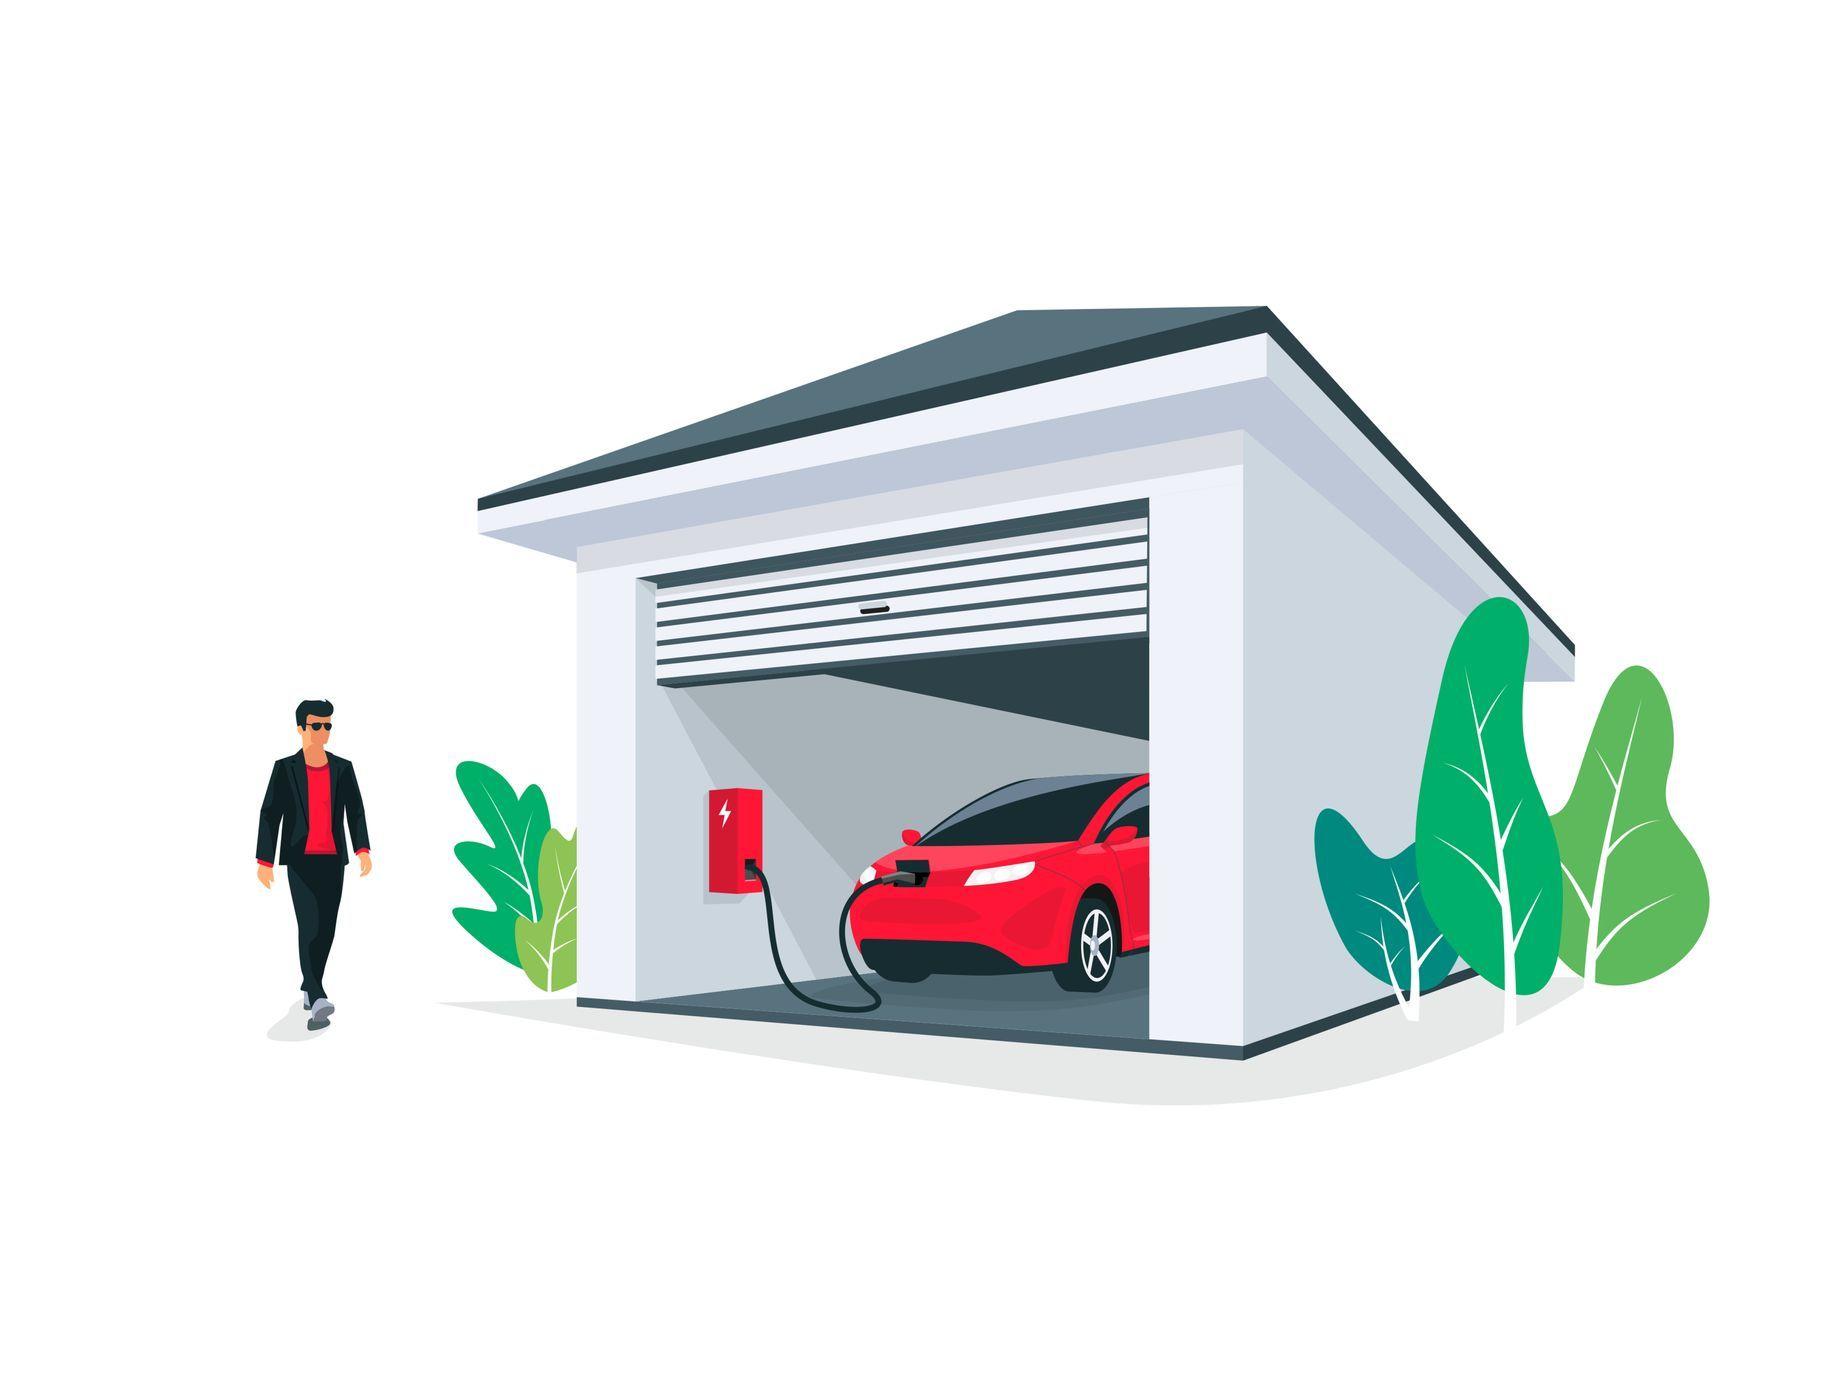 """Domácí """"benzinka"""" blízké budoucnosti: Jak připravit dům na nabíjení elektroauta?"""